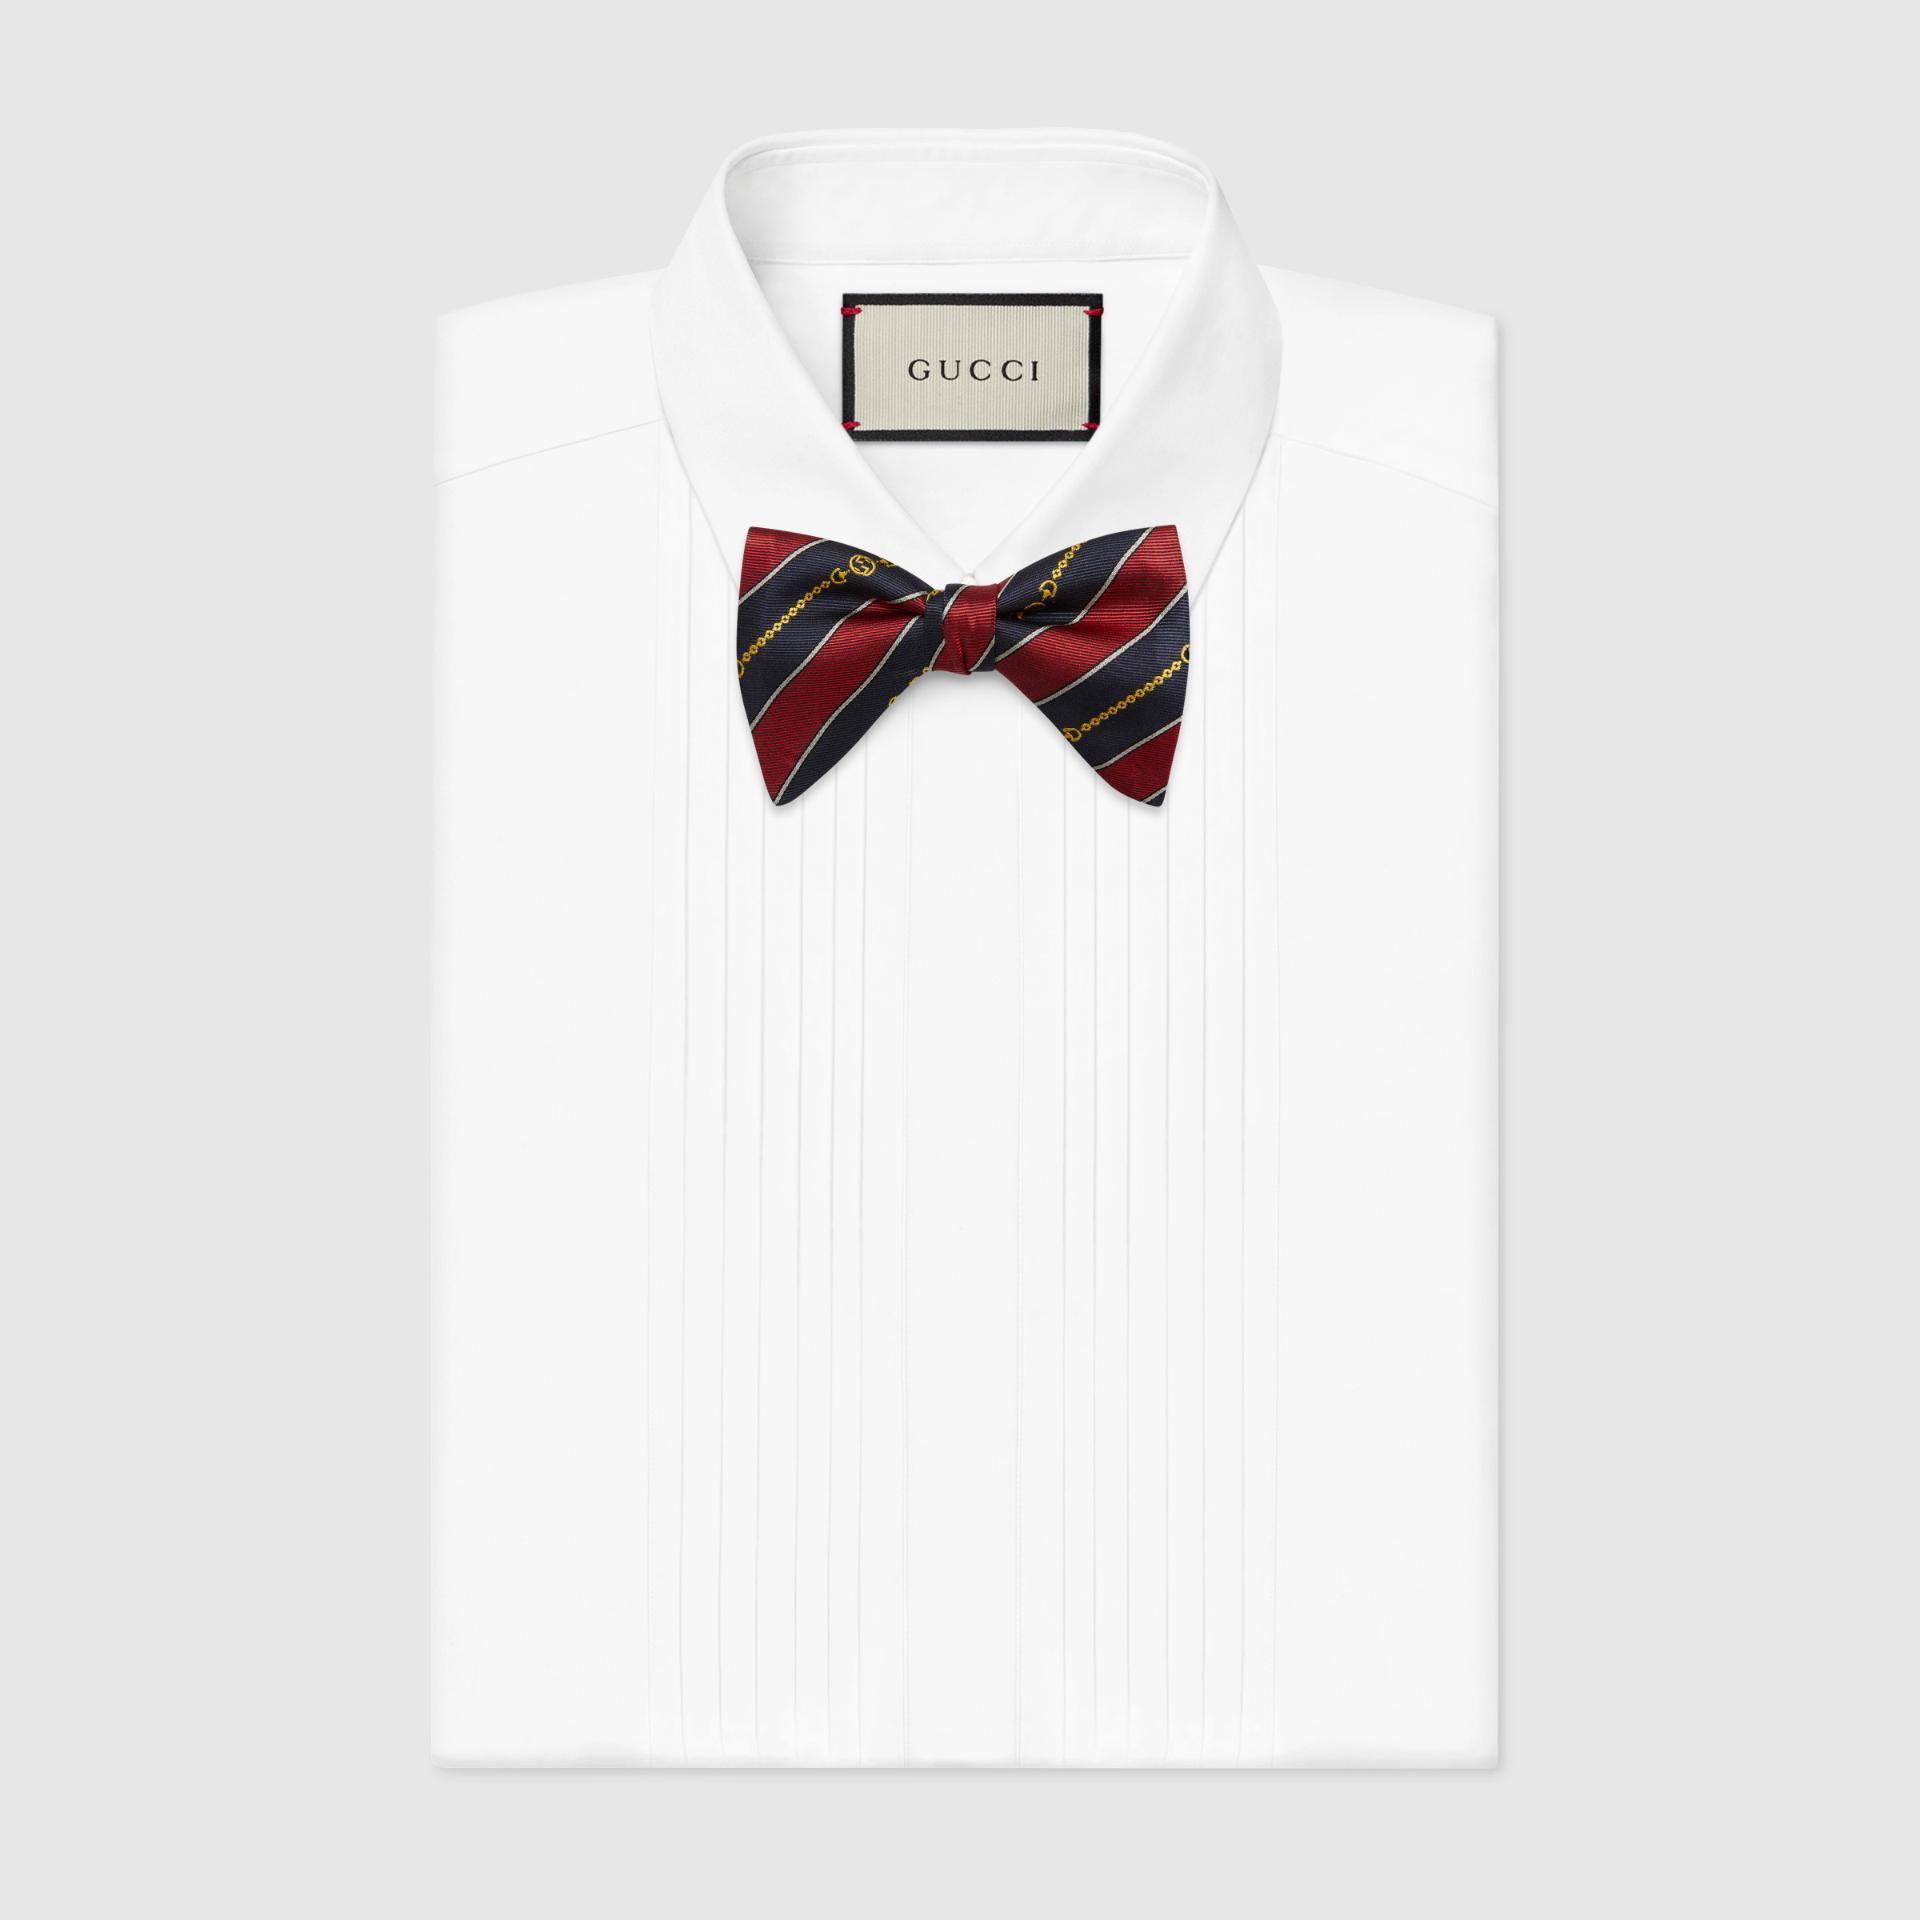 유럽직배송 구찌 GUCCI Gucci Striped silk bow tie 6624554G0096368